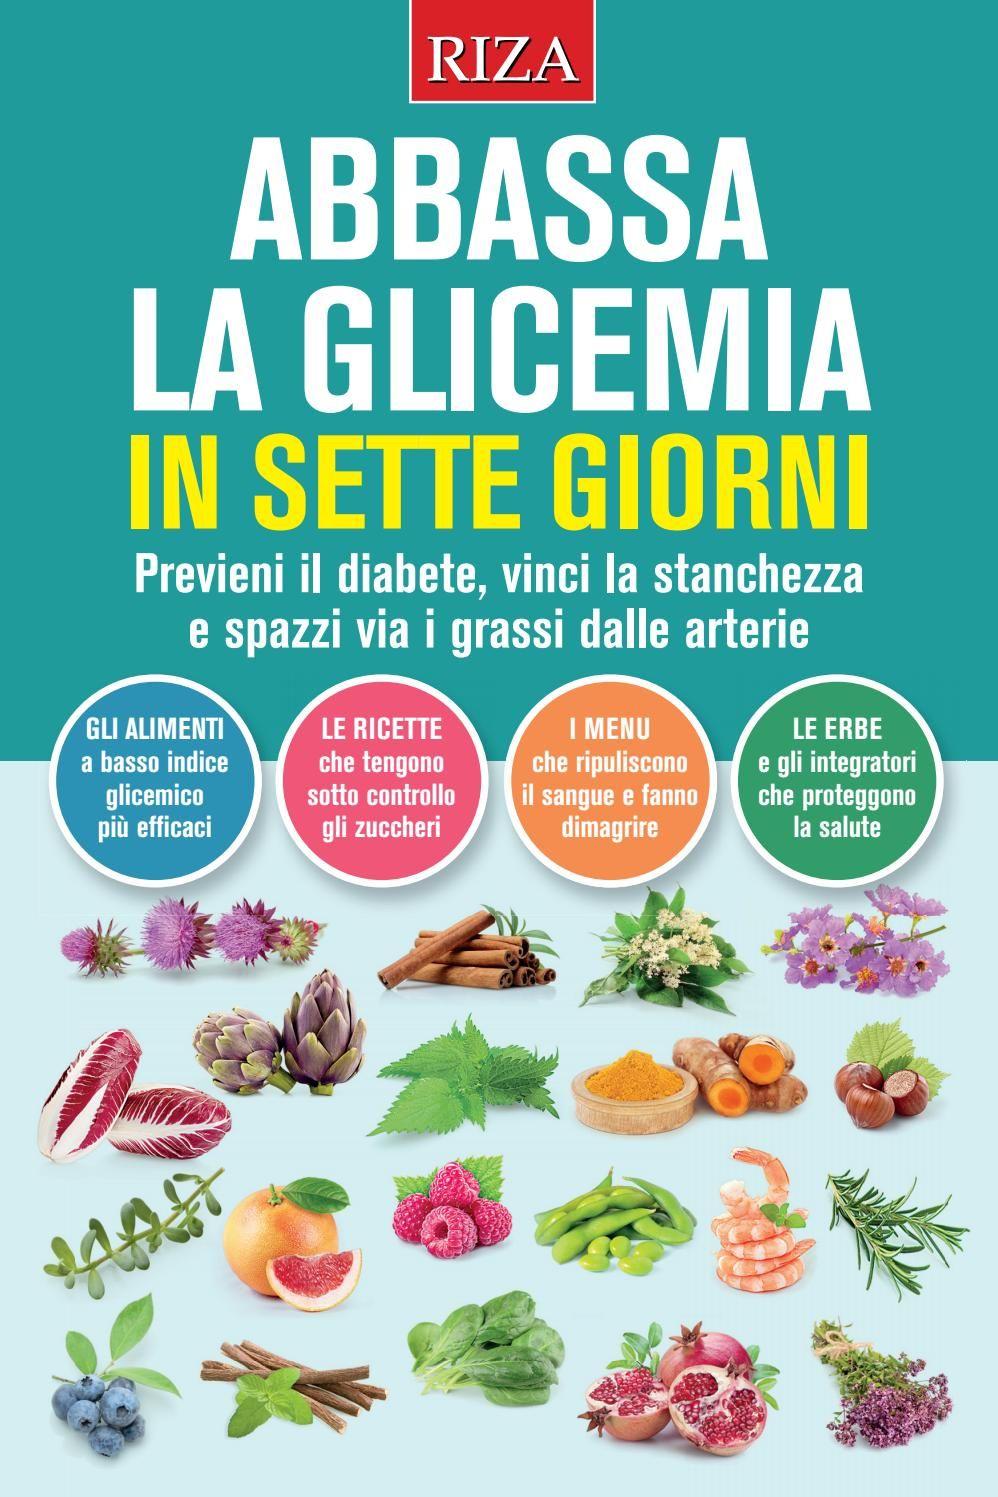 Abbassa La Glicemia In Sette Giorni Cibo Per Diabetici Alimenti Per Diabetici Alimenti Disintossicanti